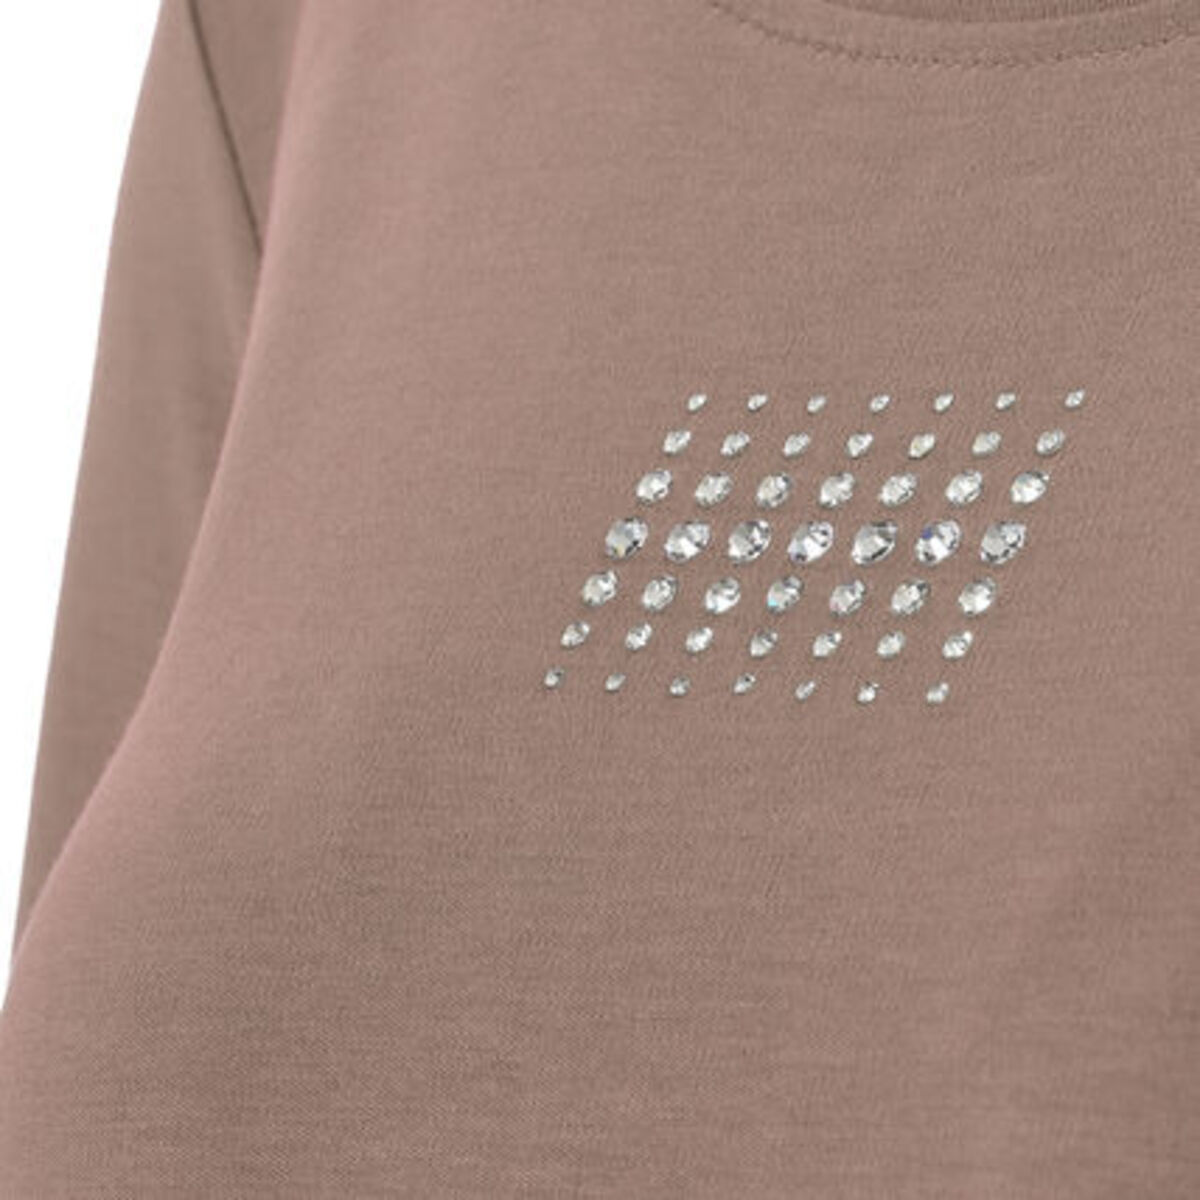 """Bild 3 von Adagio T-Shirt """"Angie"""", 3/4 Ärmel, Strass, Pima Cotton, für Damen"""